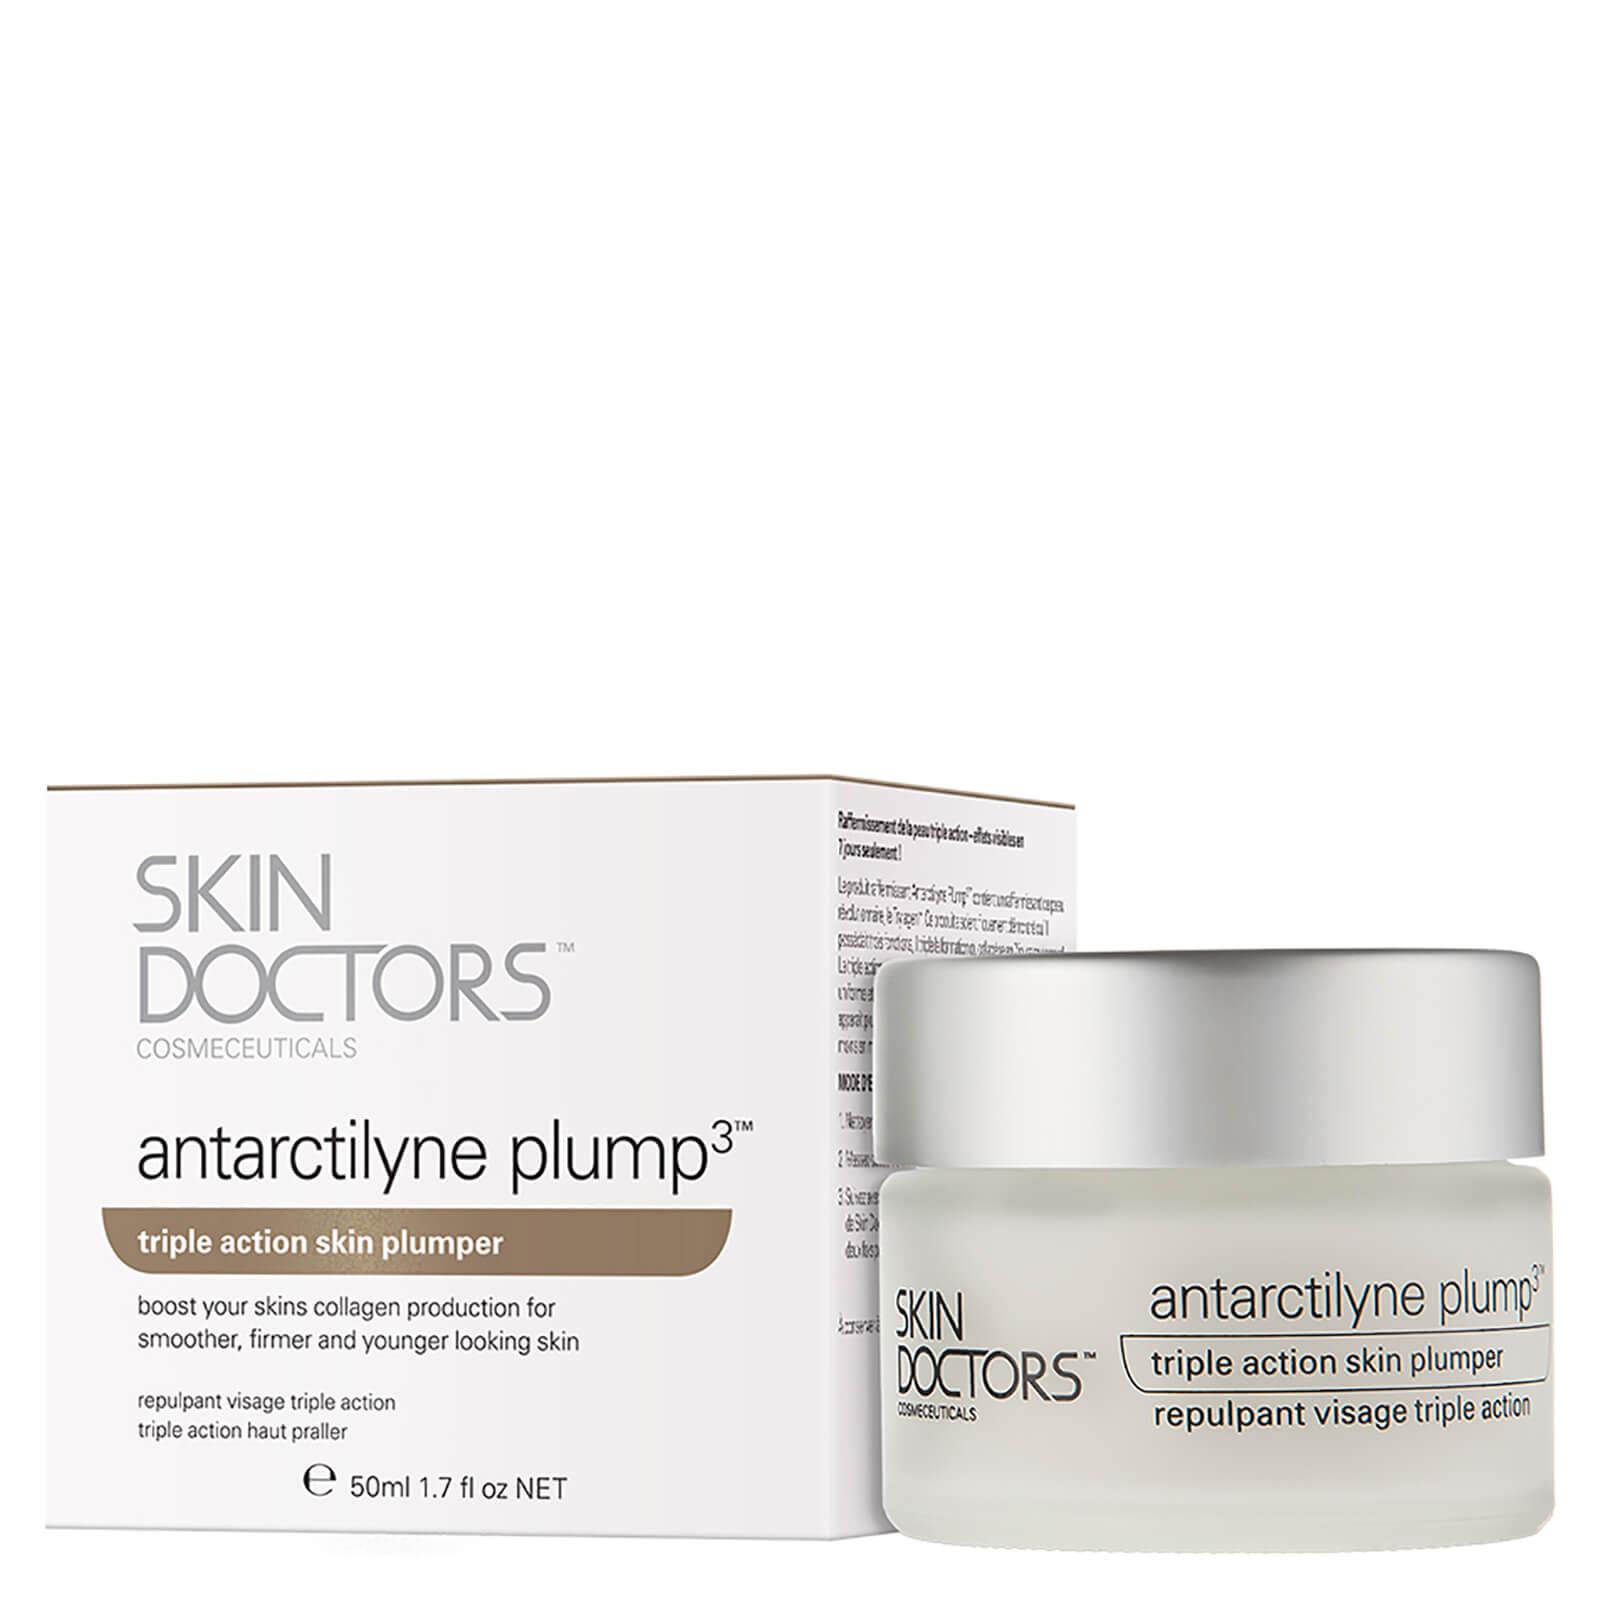 Skin Doctors Antarctilyne Plump 3 (50ml)